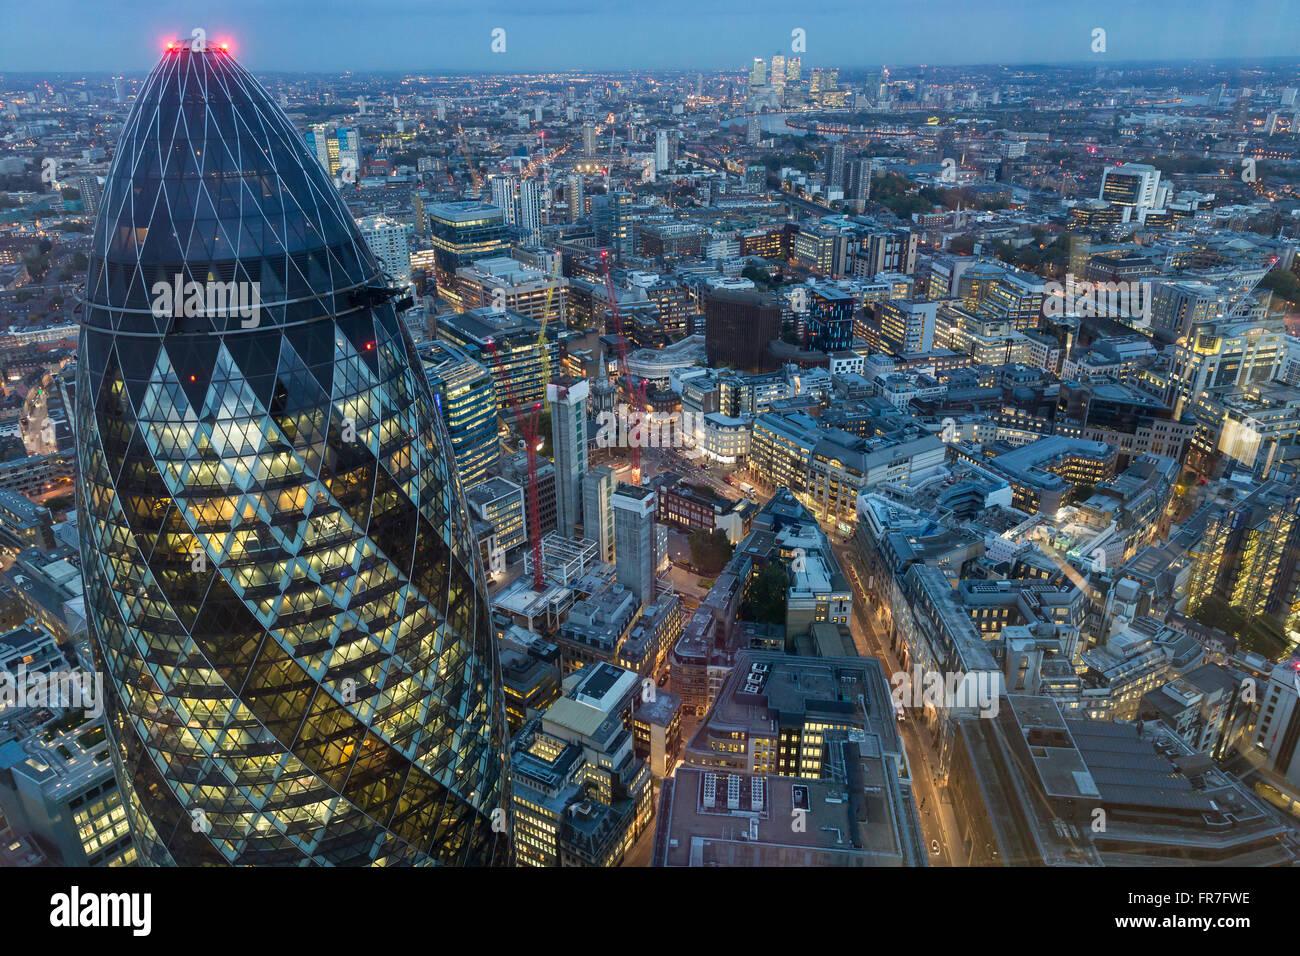 Ciudad de Londres al anochecer. Foto de stock